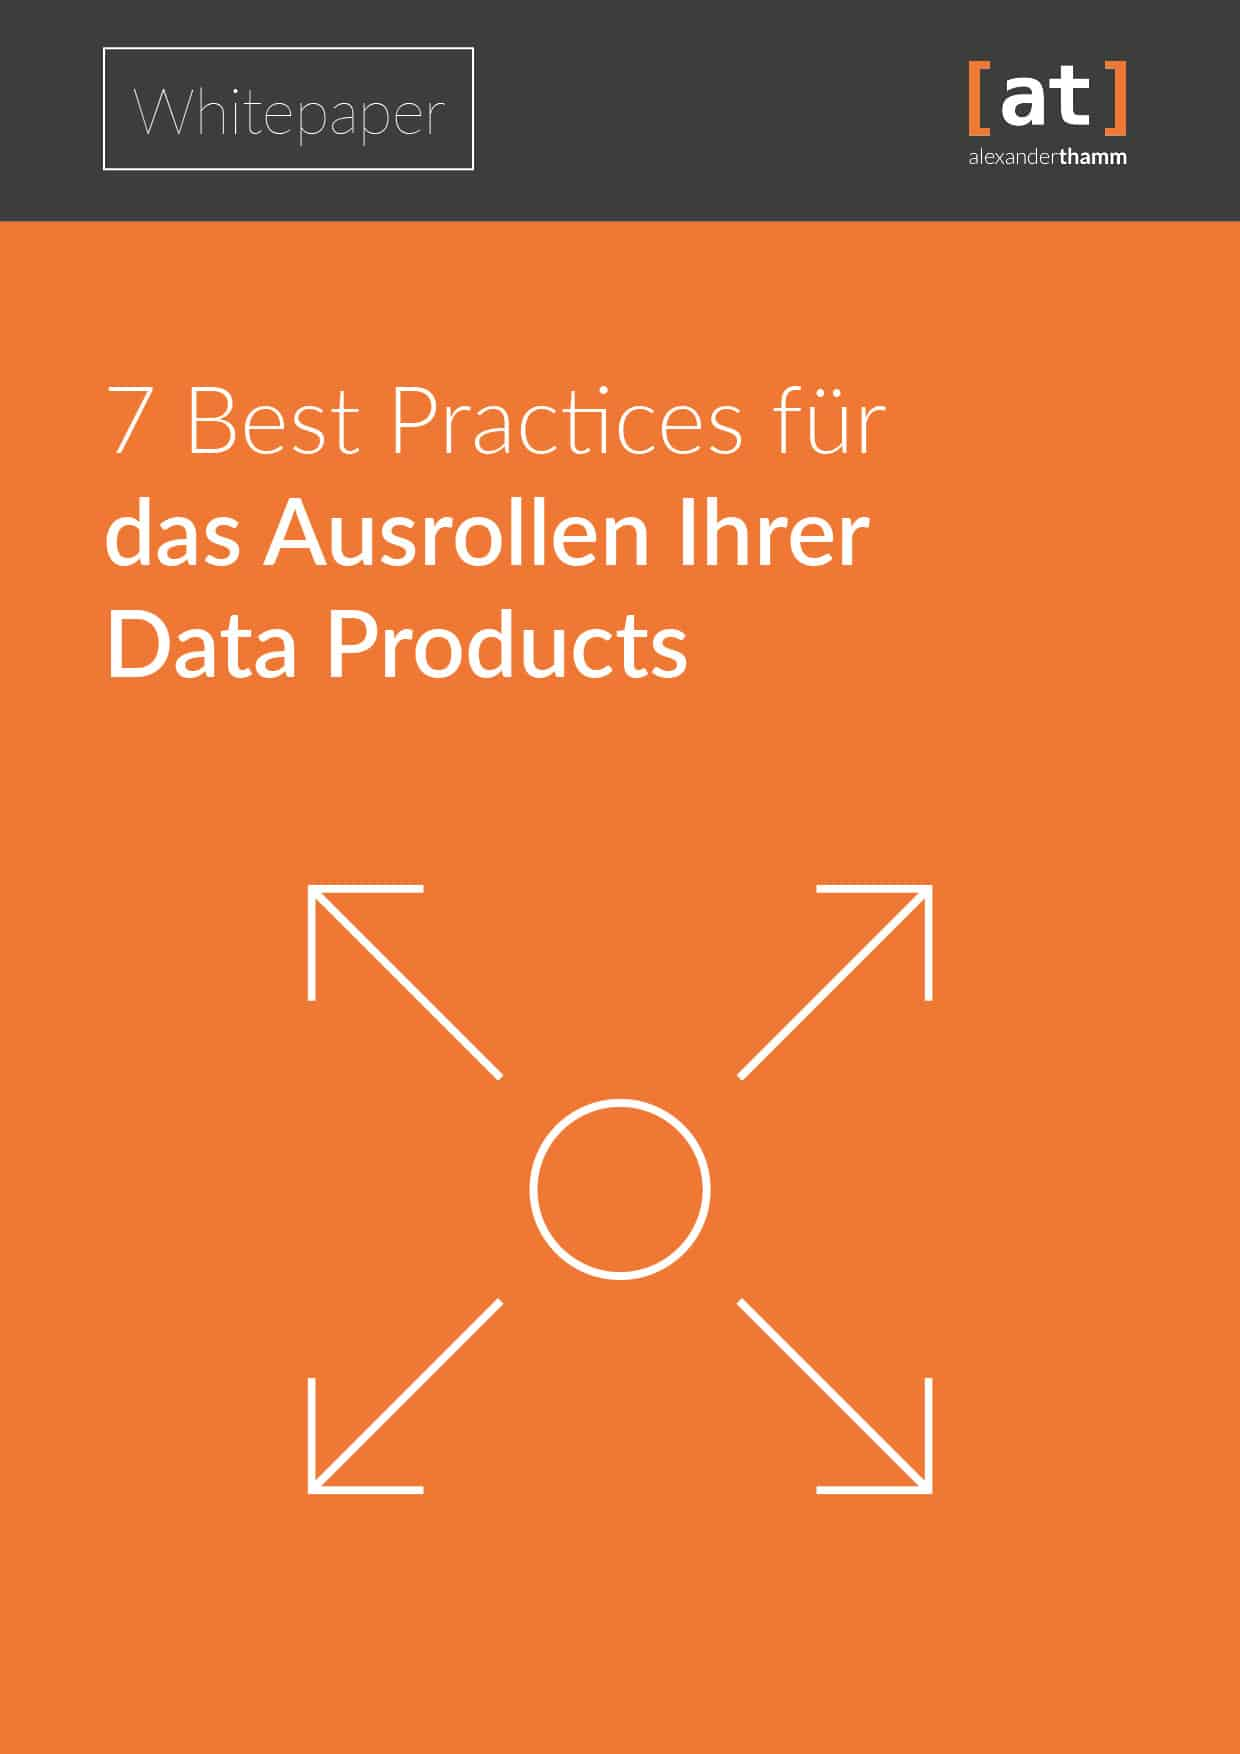 Whitepaper: Ausrollen von Data Products